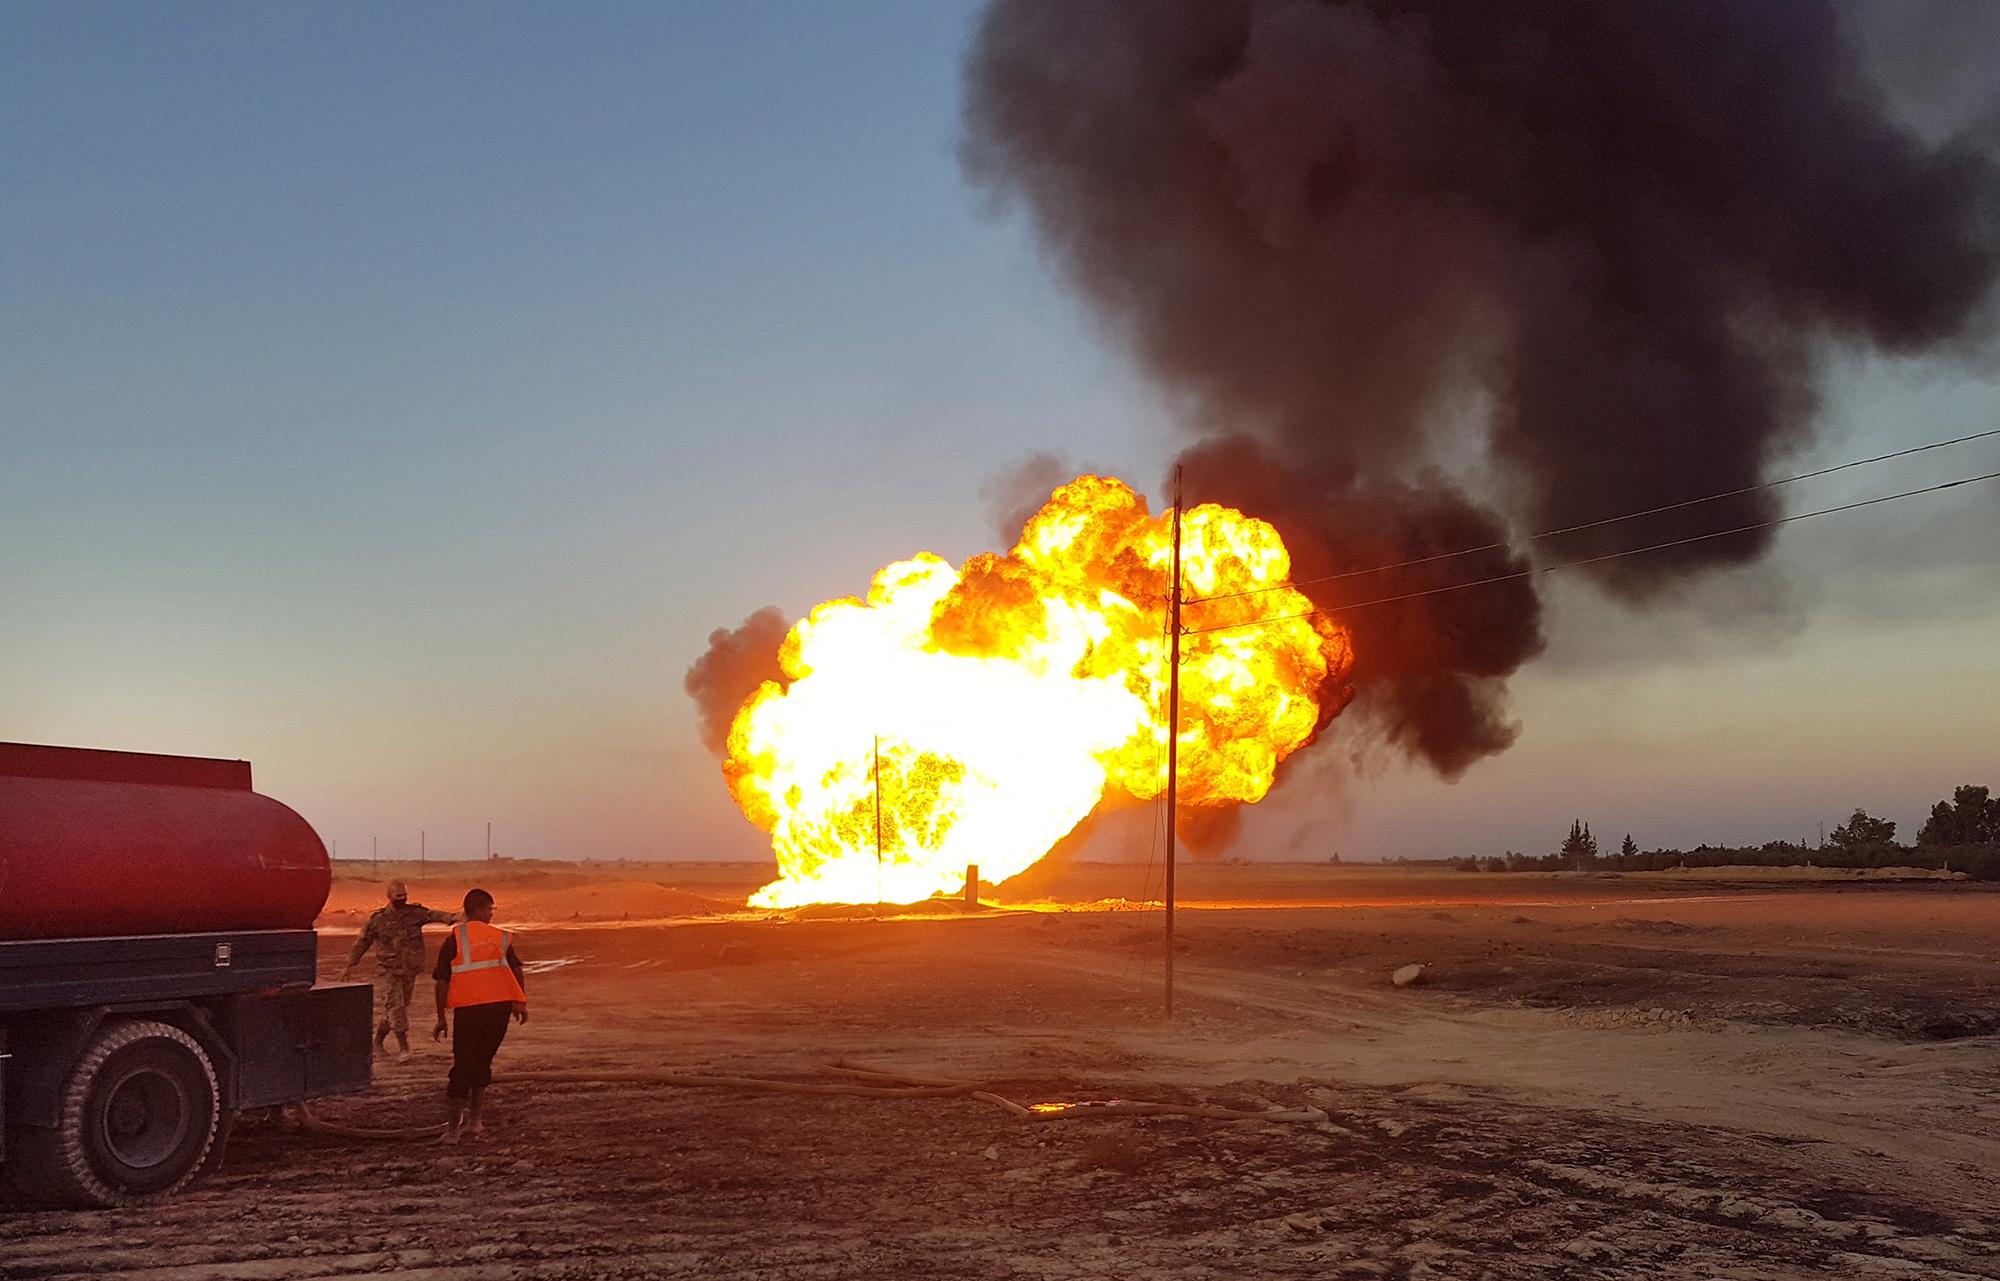 シリアで天然ガスパイプライン爆発、テロの可能性も-国営通信 - Bloomberg